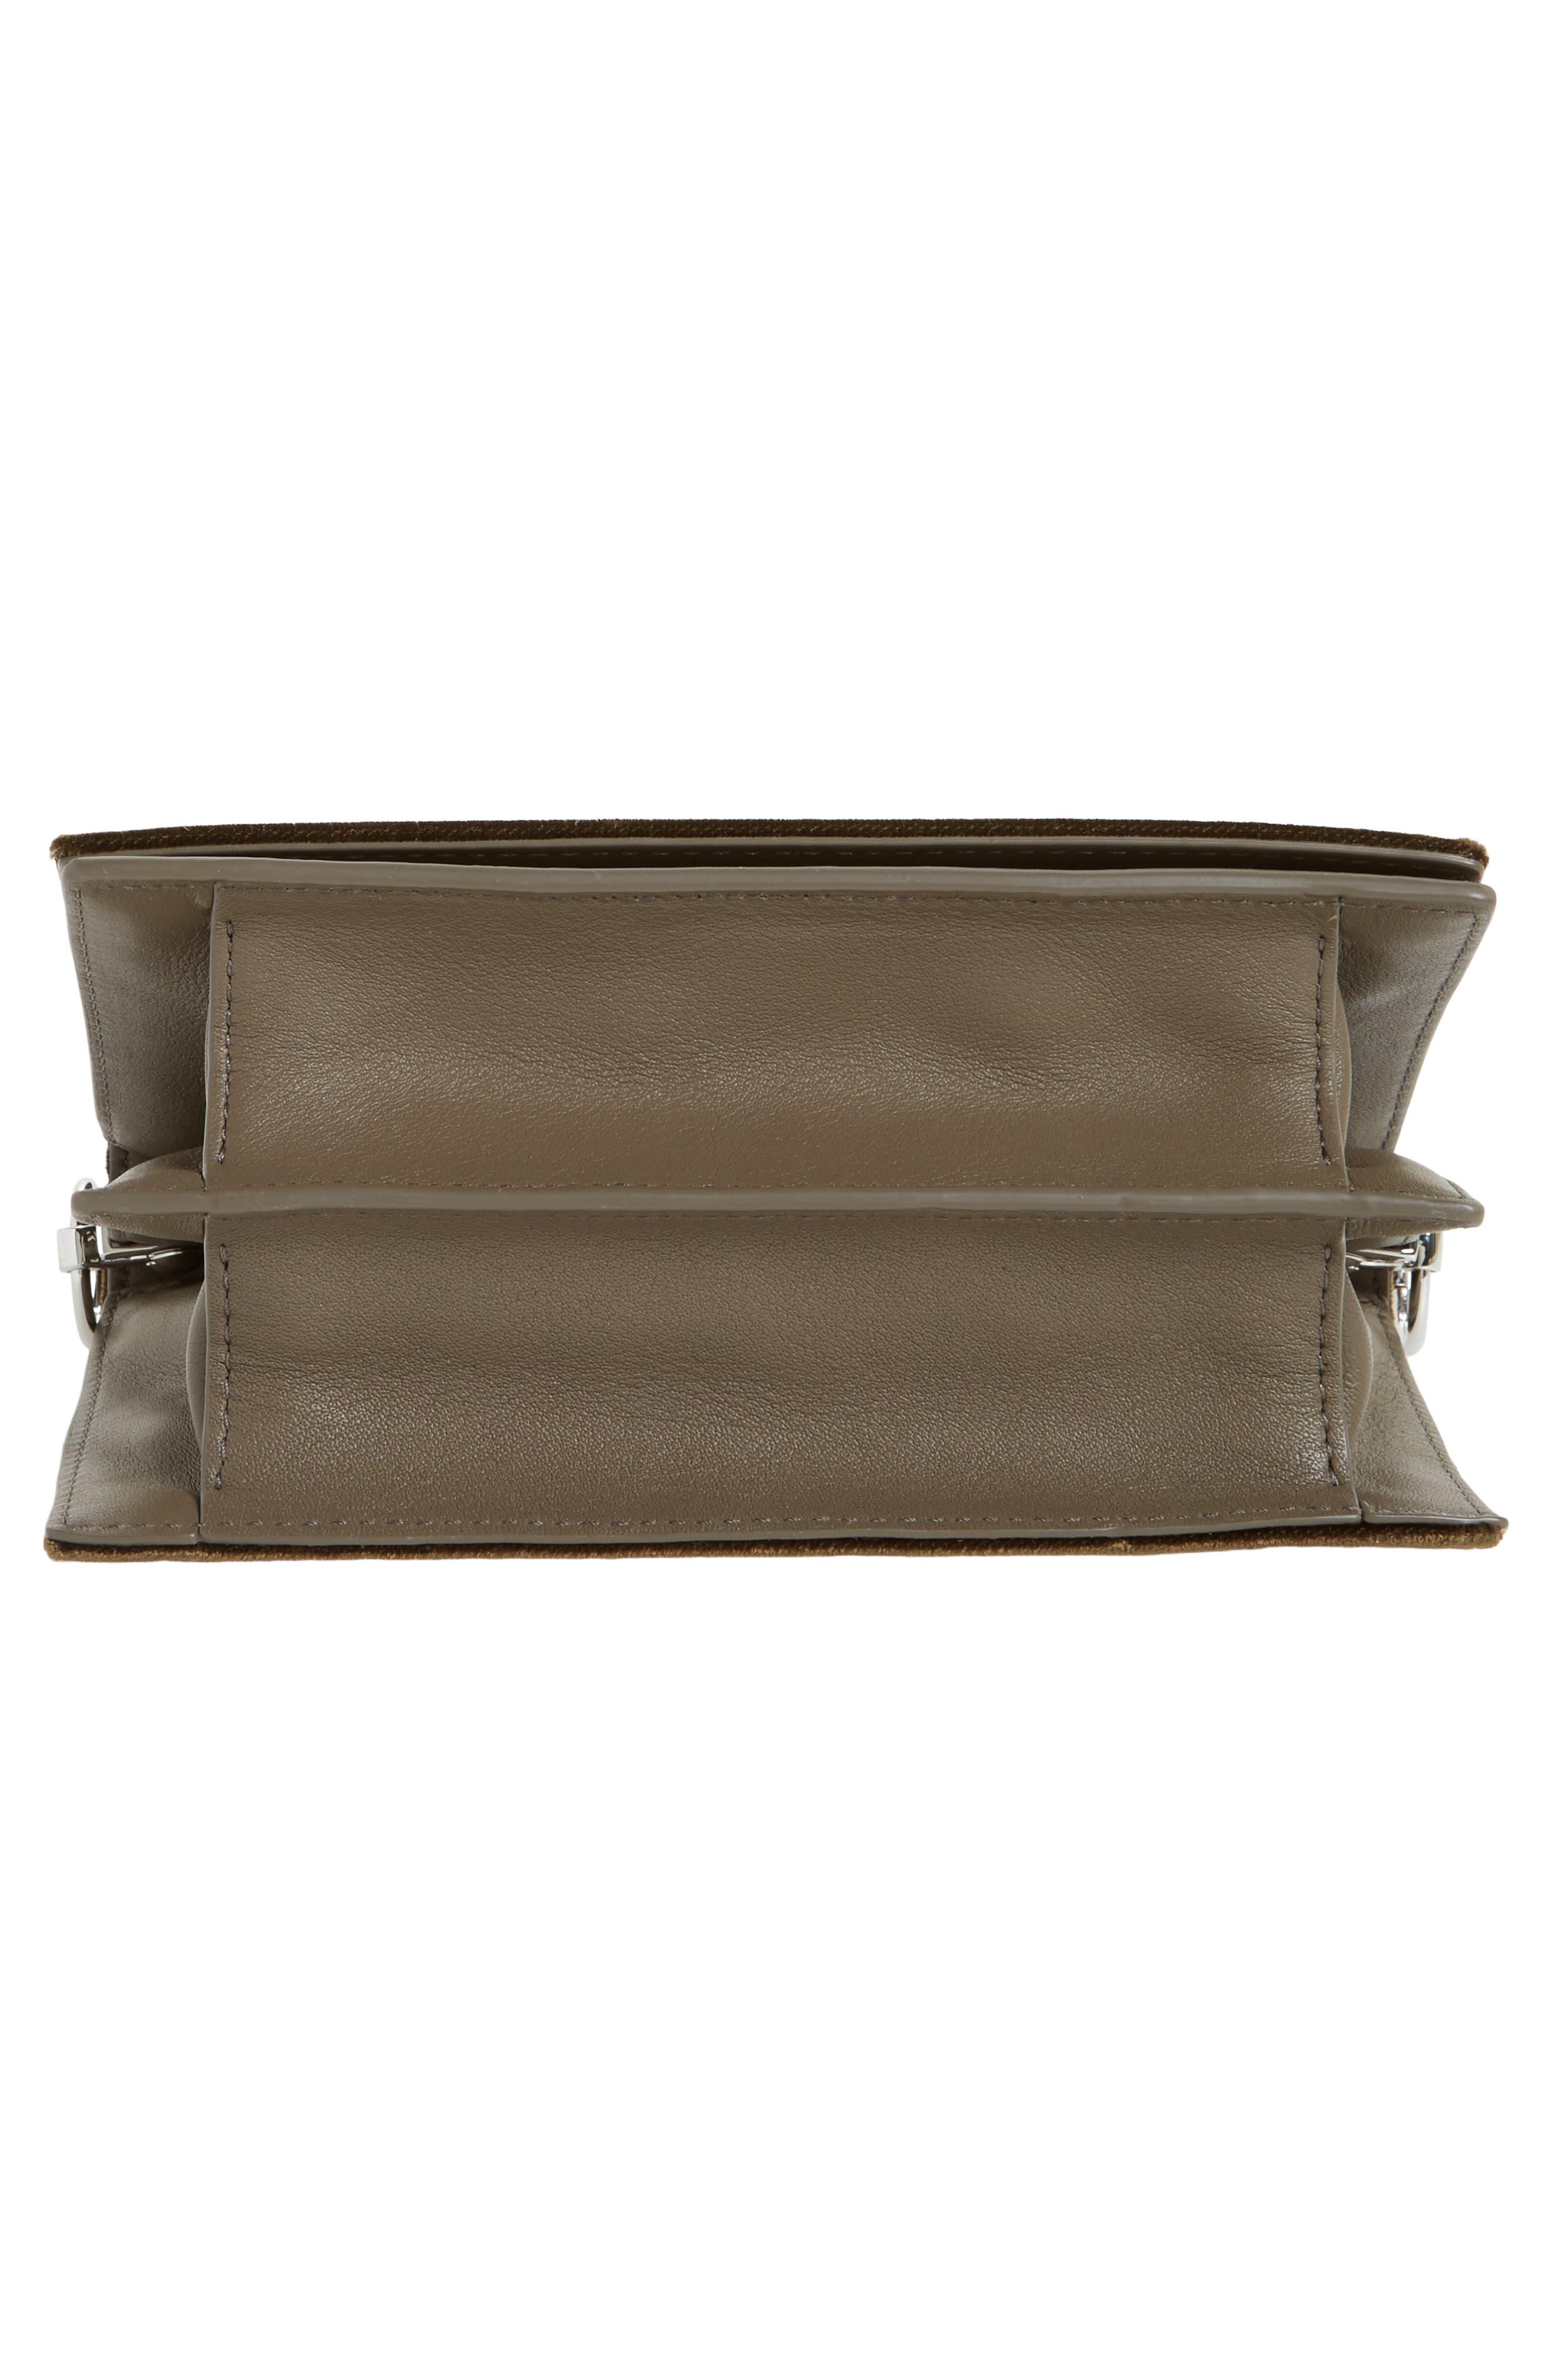 Keel Shoulder Bag,                             Alternate thumbnail 6, color,                             Mink Grey